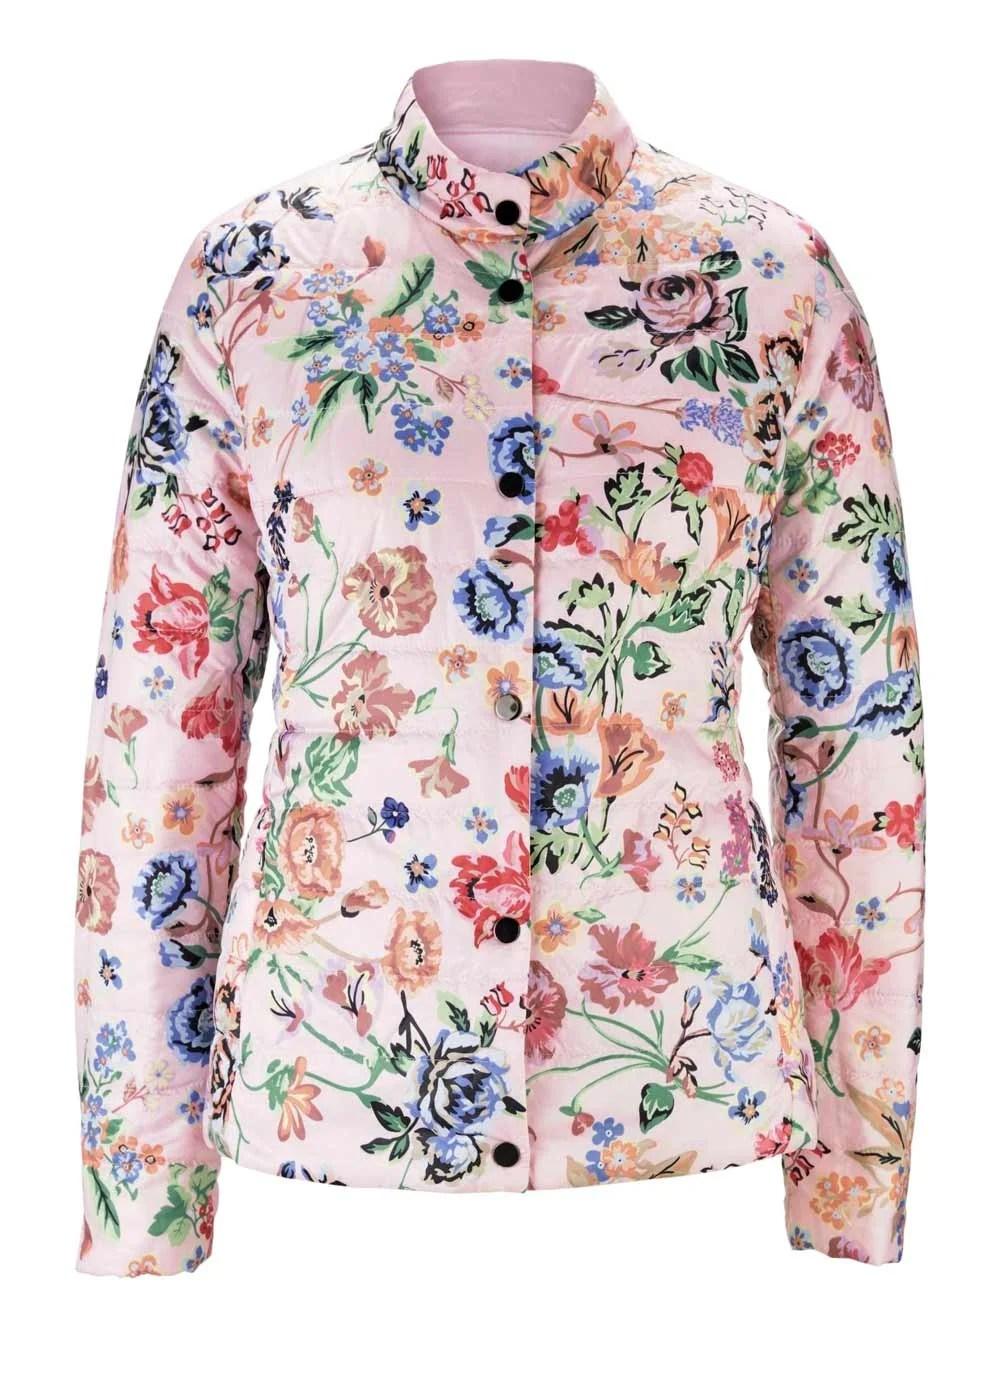 jacken auf rechnung bestellen als neukunde HEINE Damen Designer-Steppjacke Wendejacke Blütenmuster Rosa Rosé-Bunt 428.462 MISSFORTY